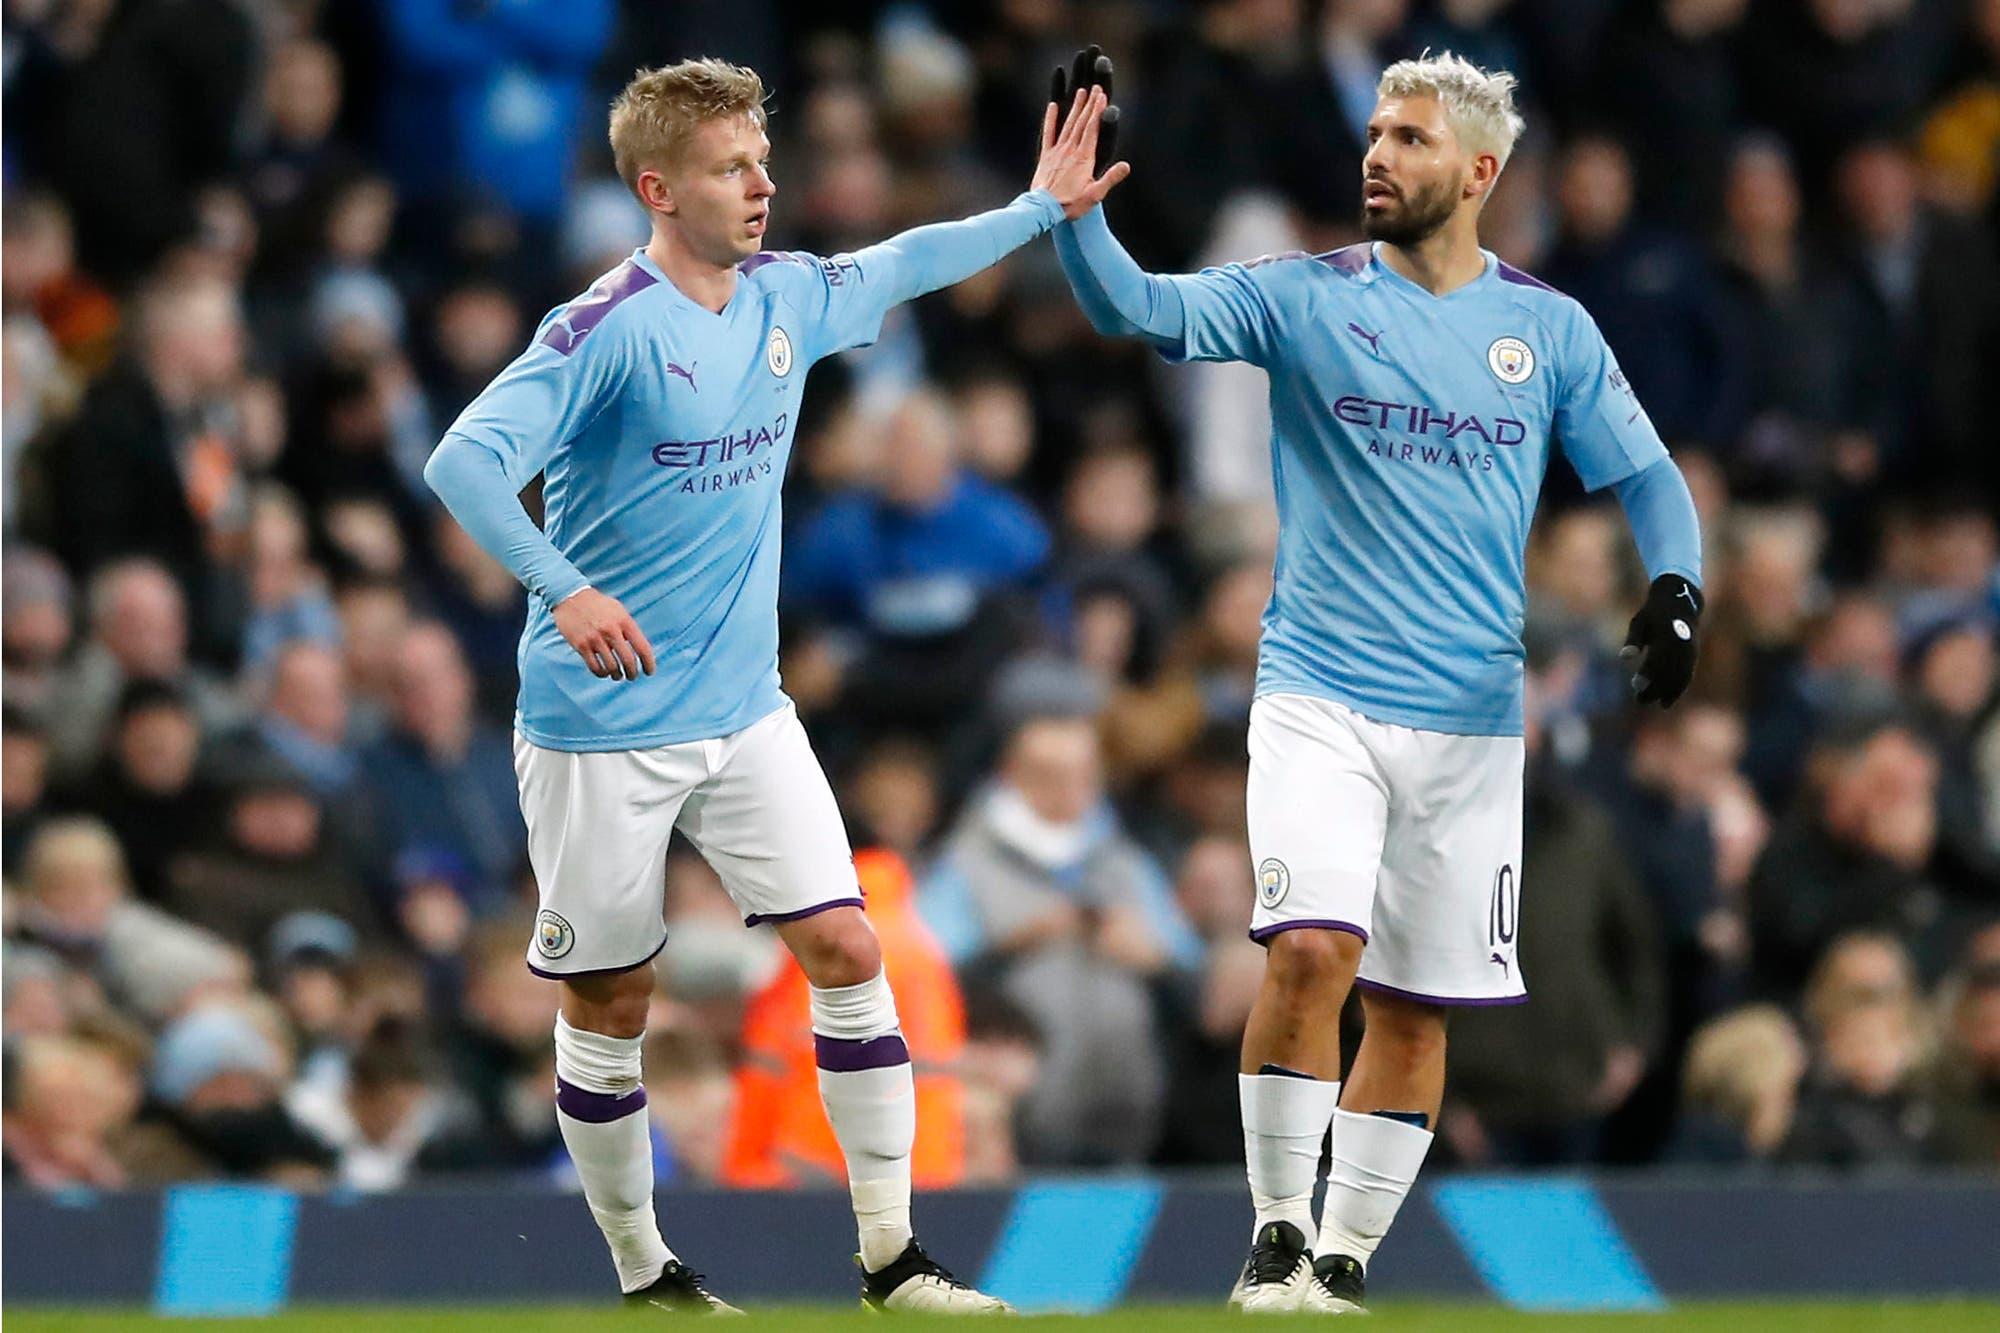 FA Cup: Agüero convirtió su primer gol del año en la victoria del City y Romero salvó al United de una dura derrota